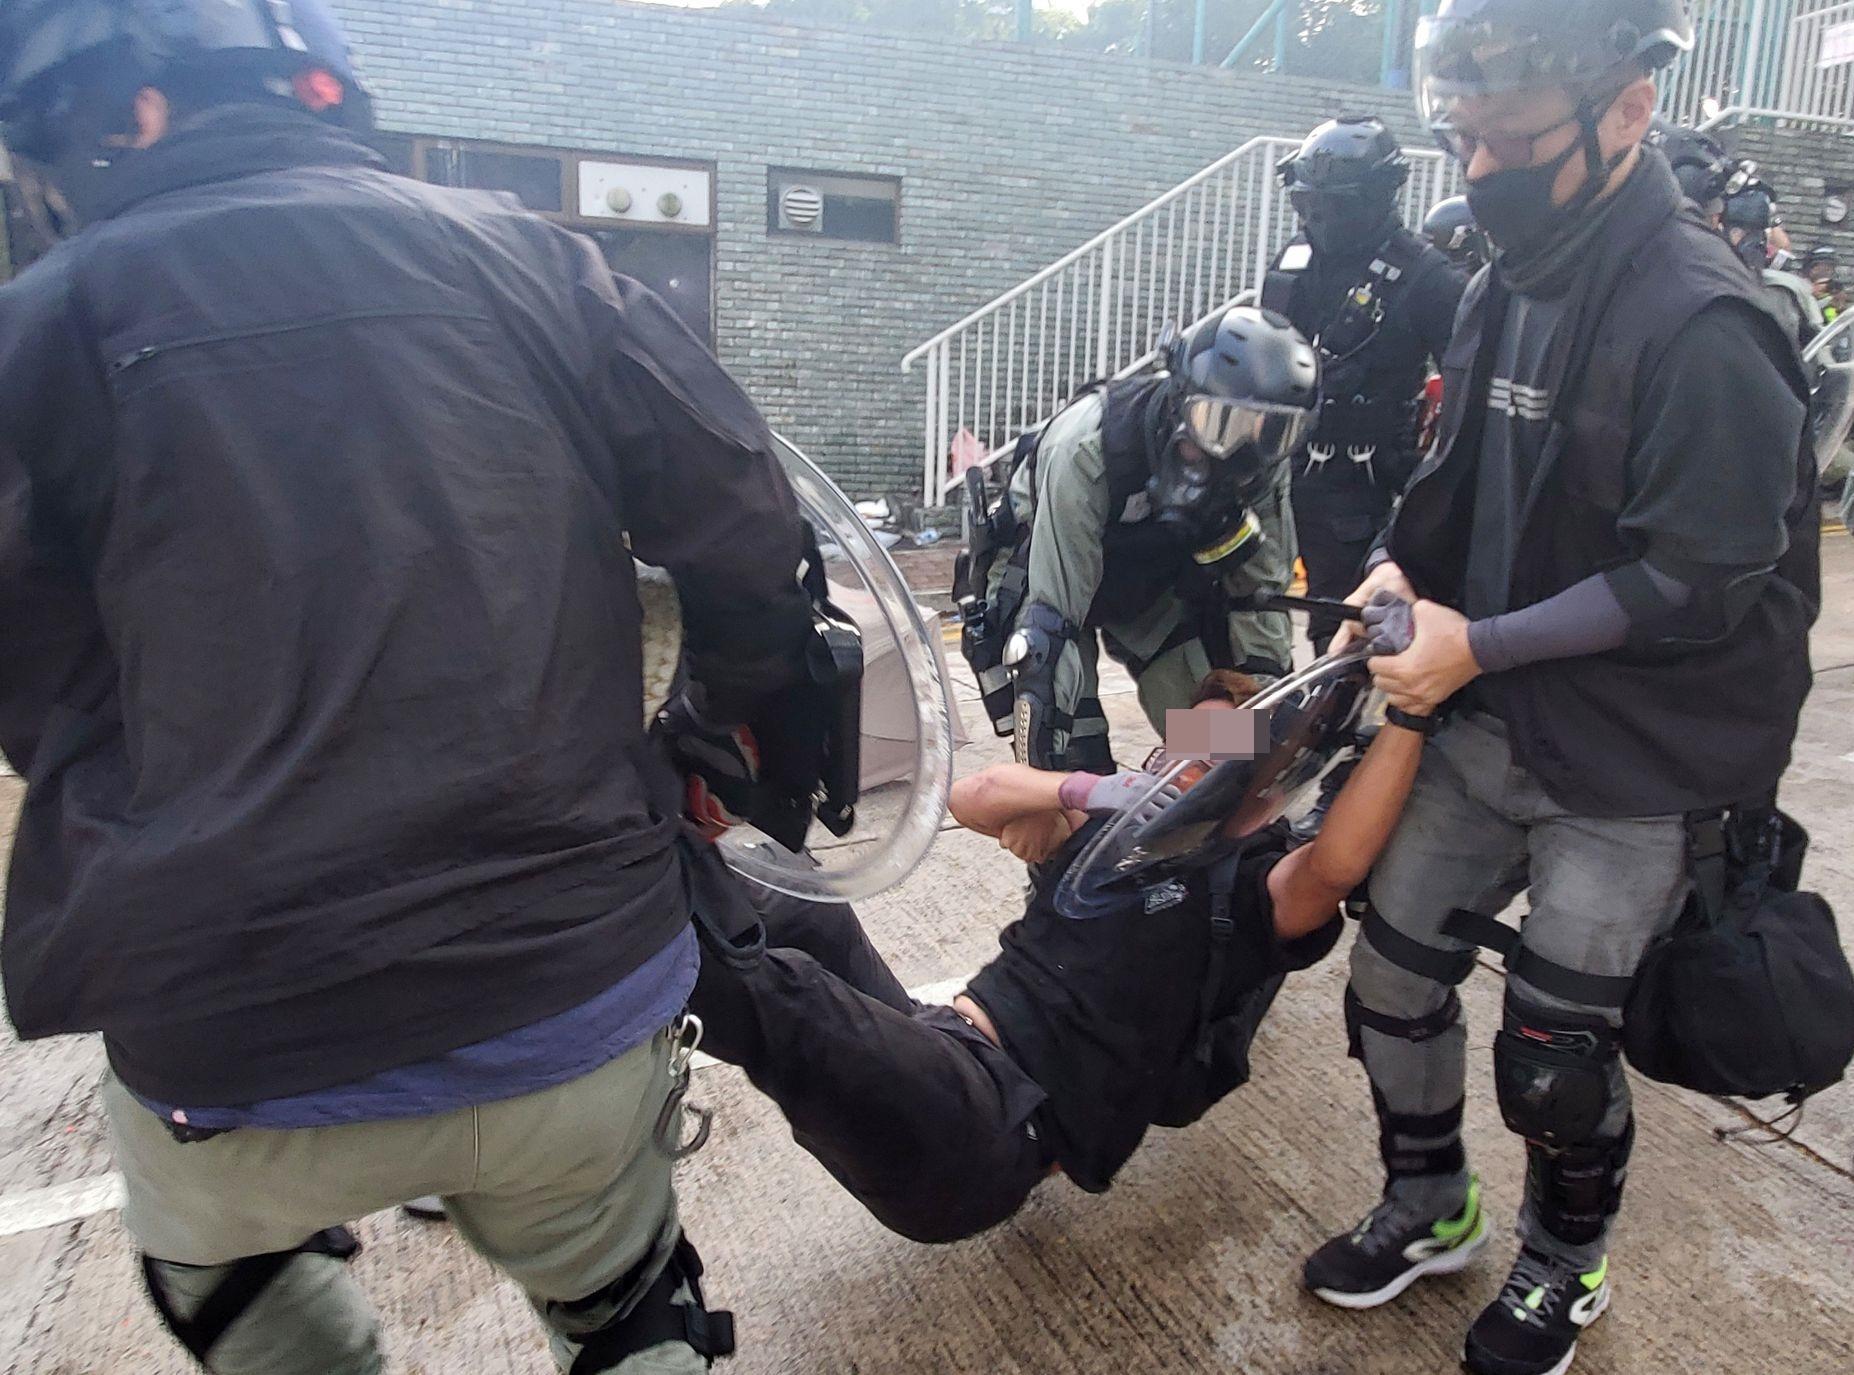 【修例风波】警方过去半年拘捕6022人 4成为学生